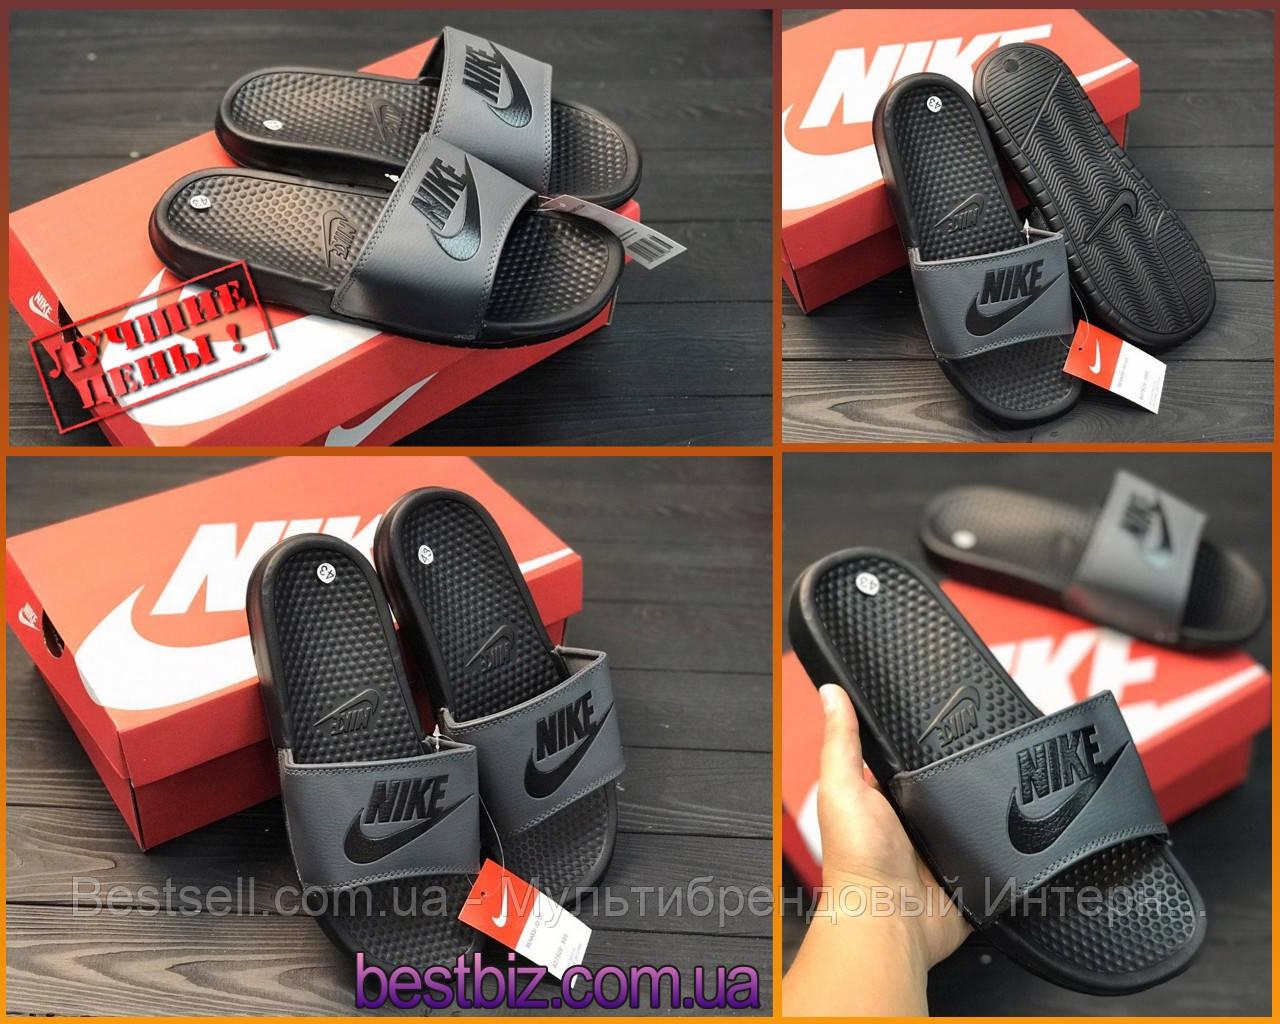 Шлепанцы мужские черные Nike / Сланцы Nike(шлепки,шлепанцы)